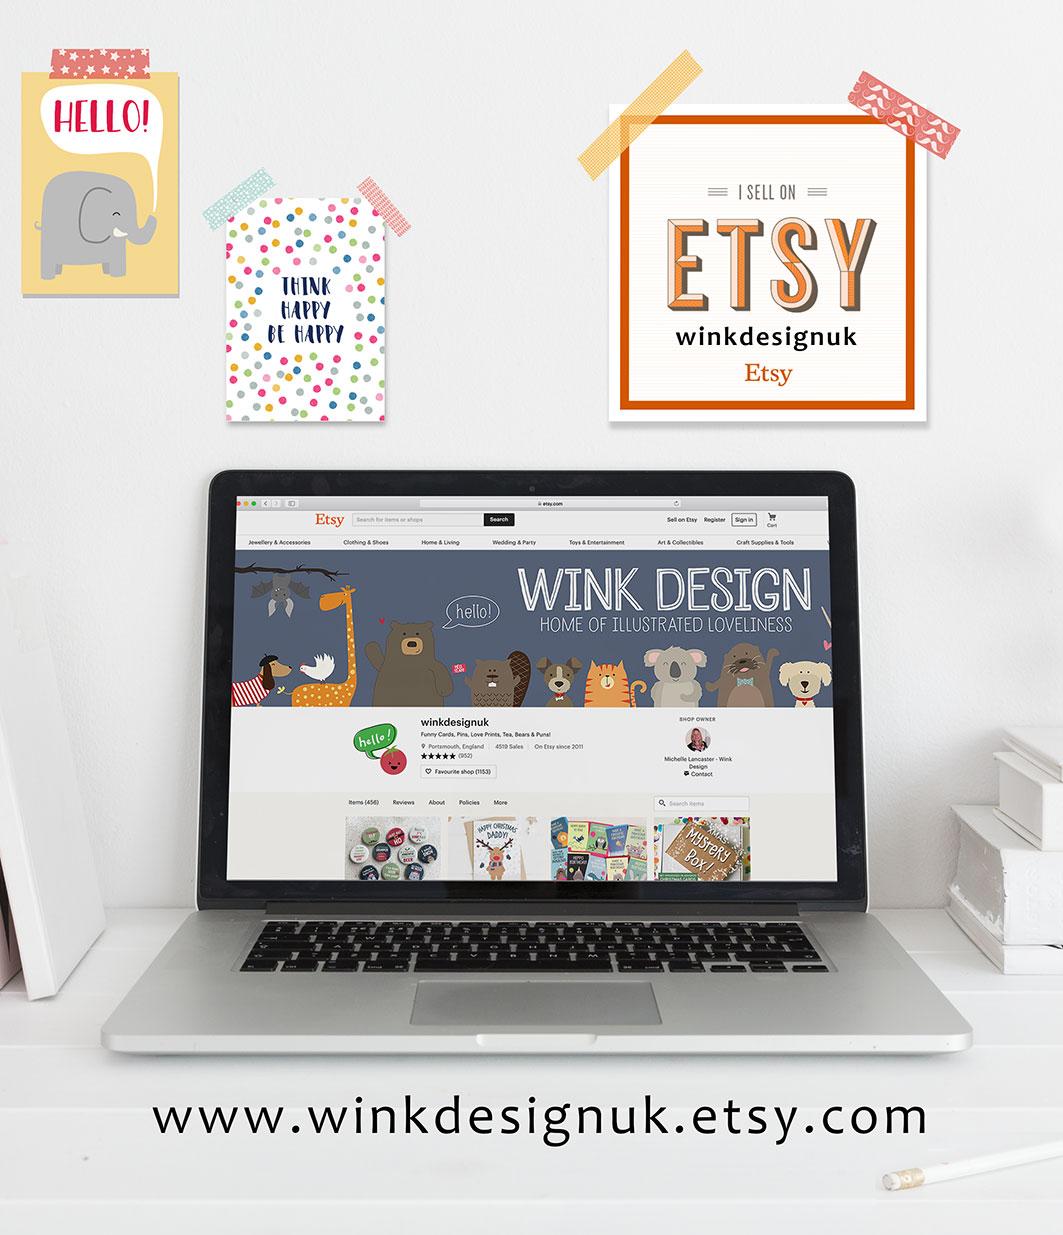 Go to the Wink Design Etsy Shop, winkdesignuk